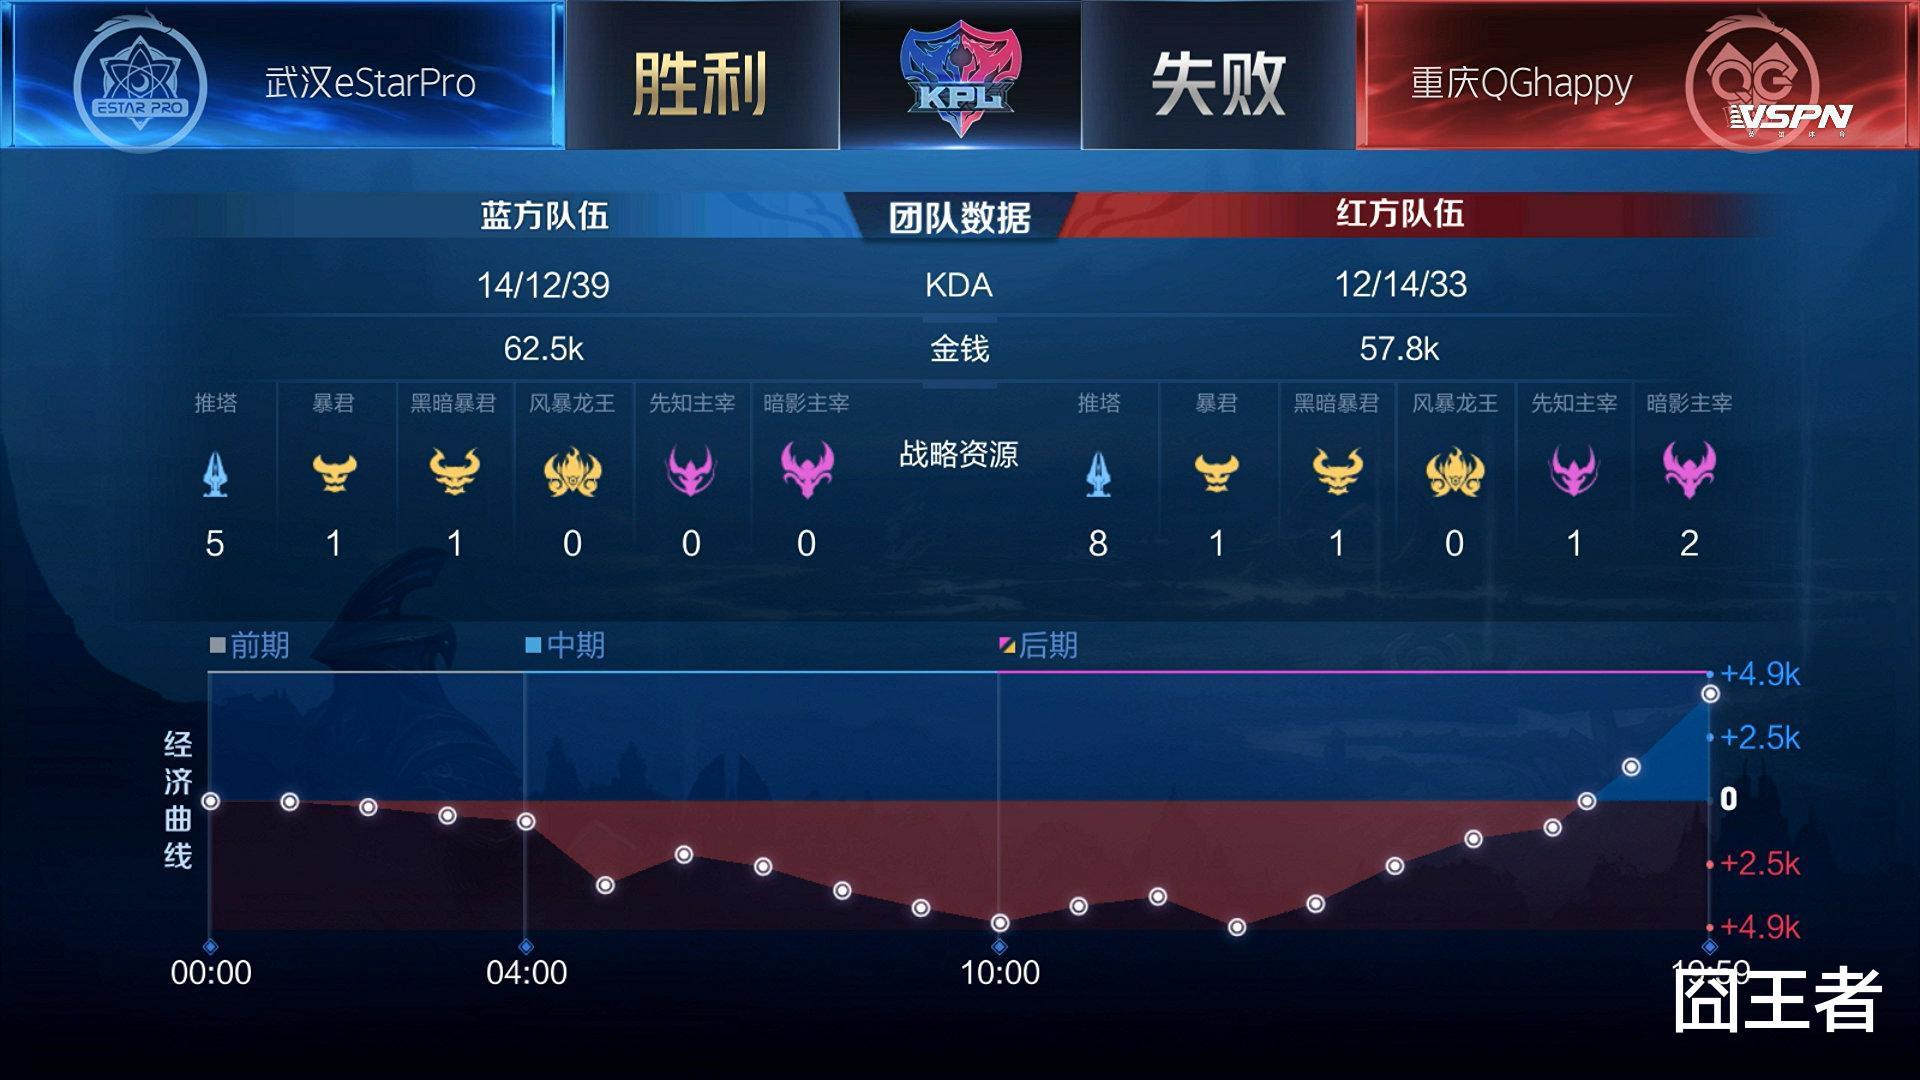 E星击败QG,御三家实力严重断层,两支战队能进季后赛四强吗?插图(4)